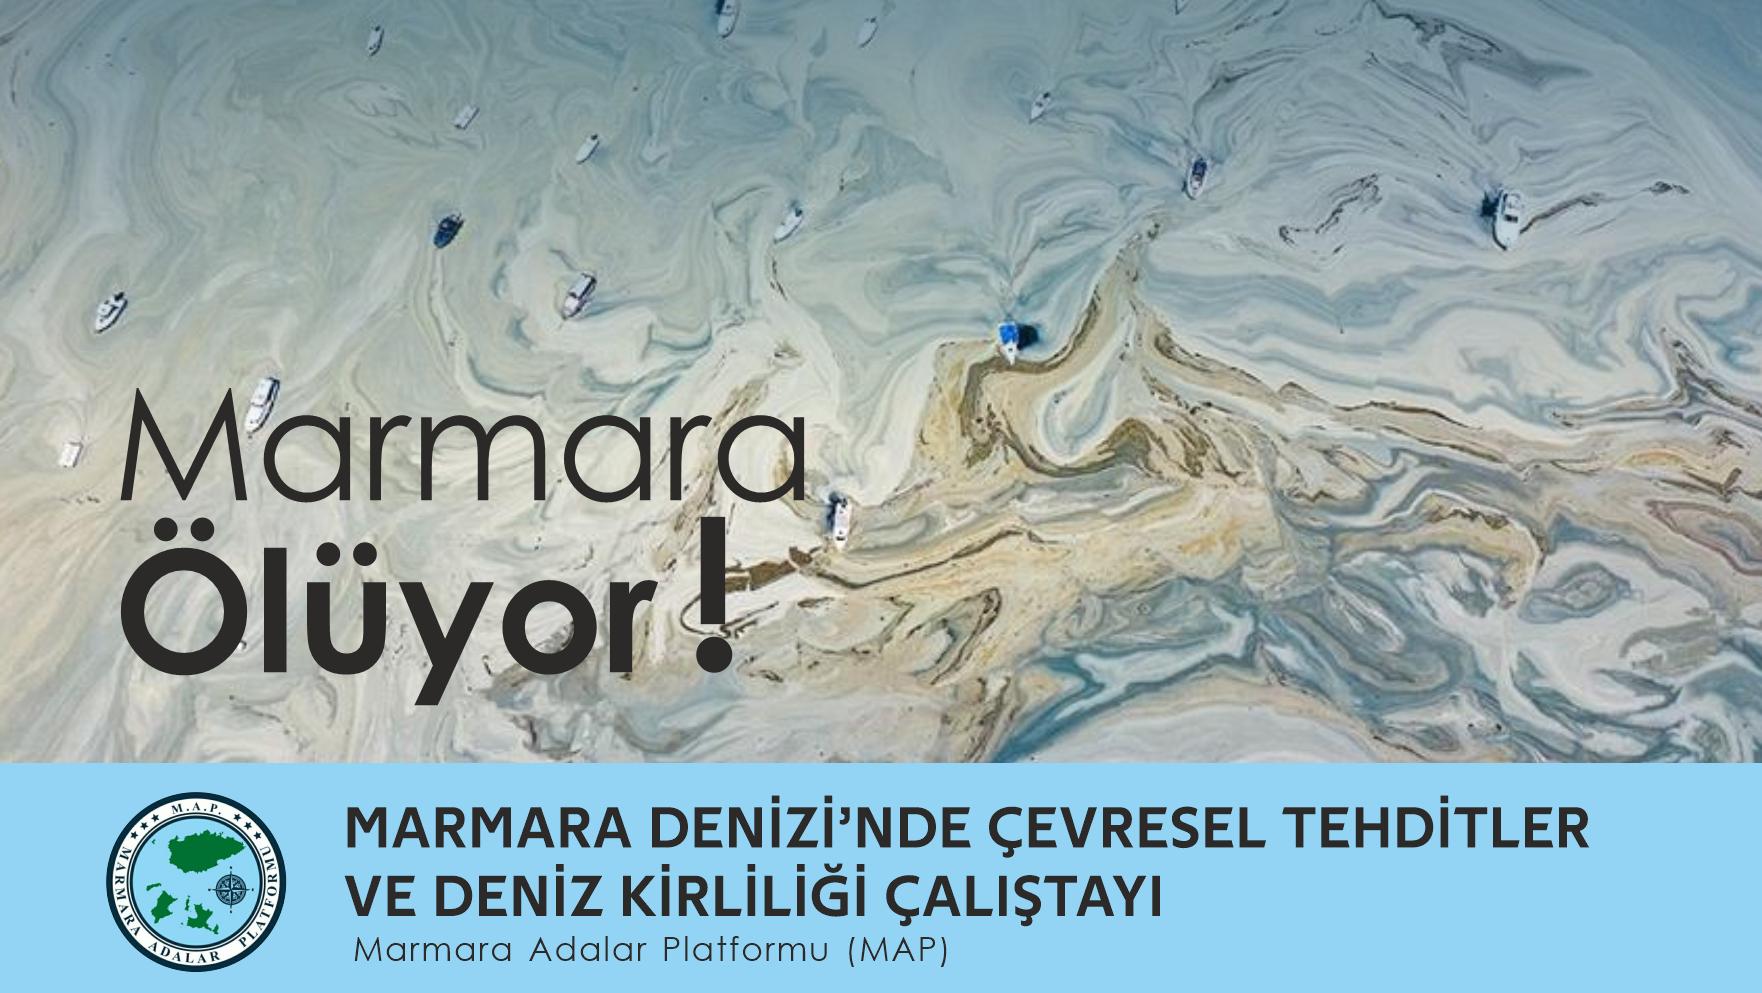 Marmara Denizinde Çevresel Tehditler ve Deniz Kirliliği Çalıştayı